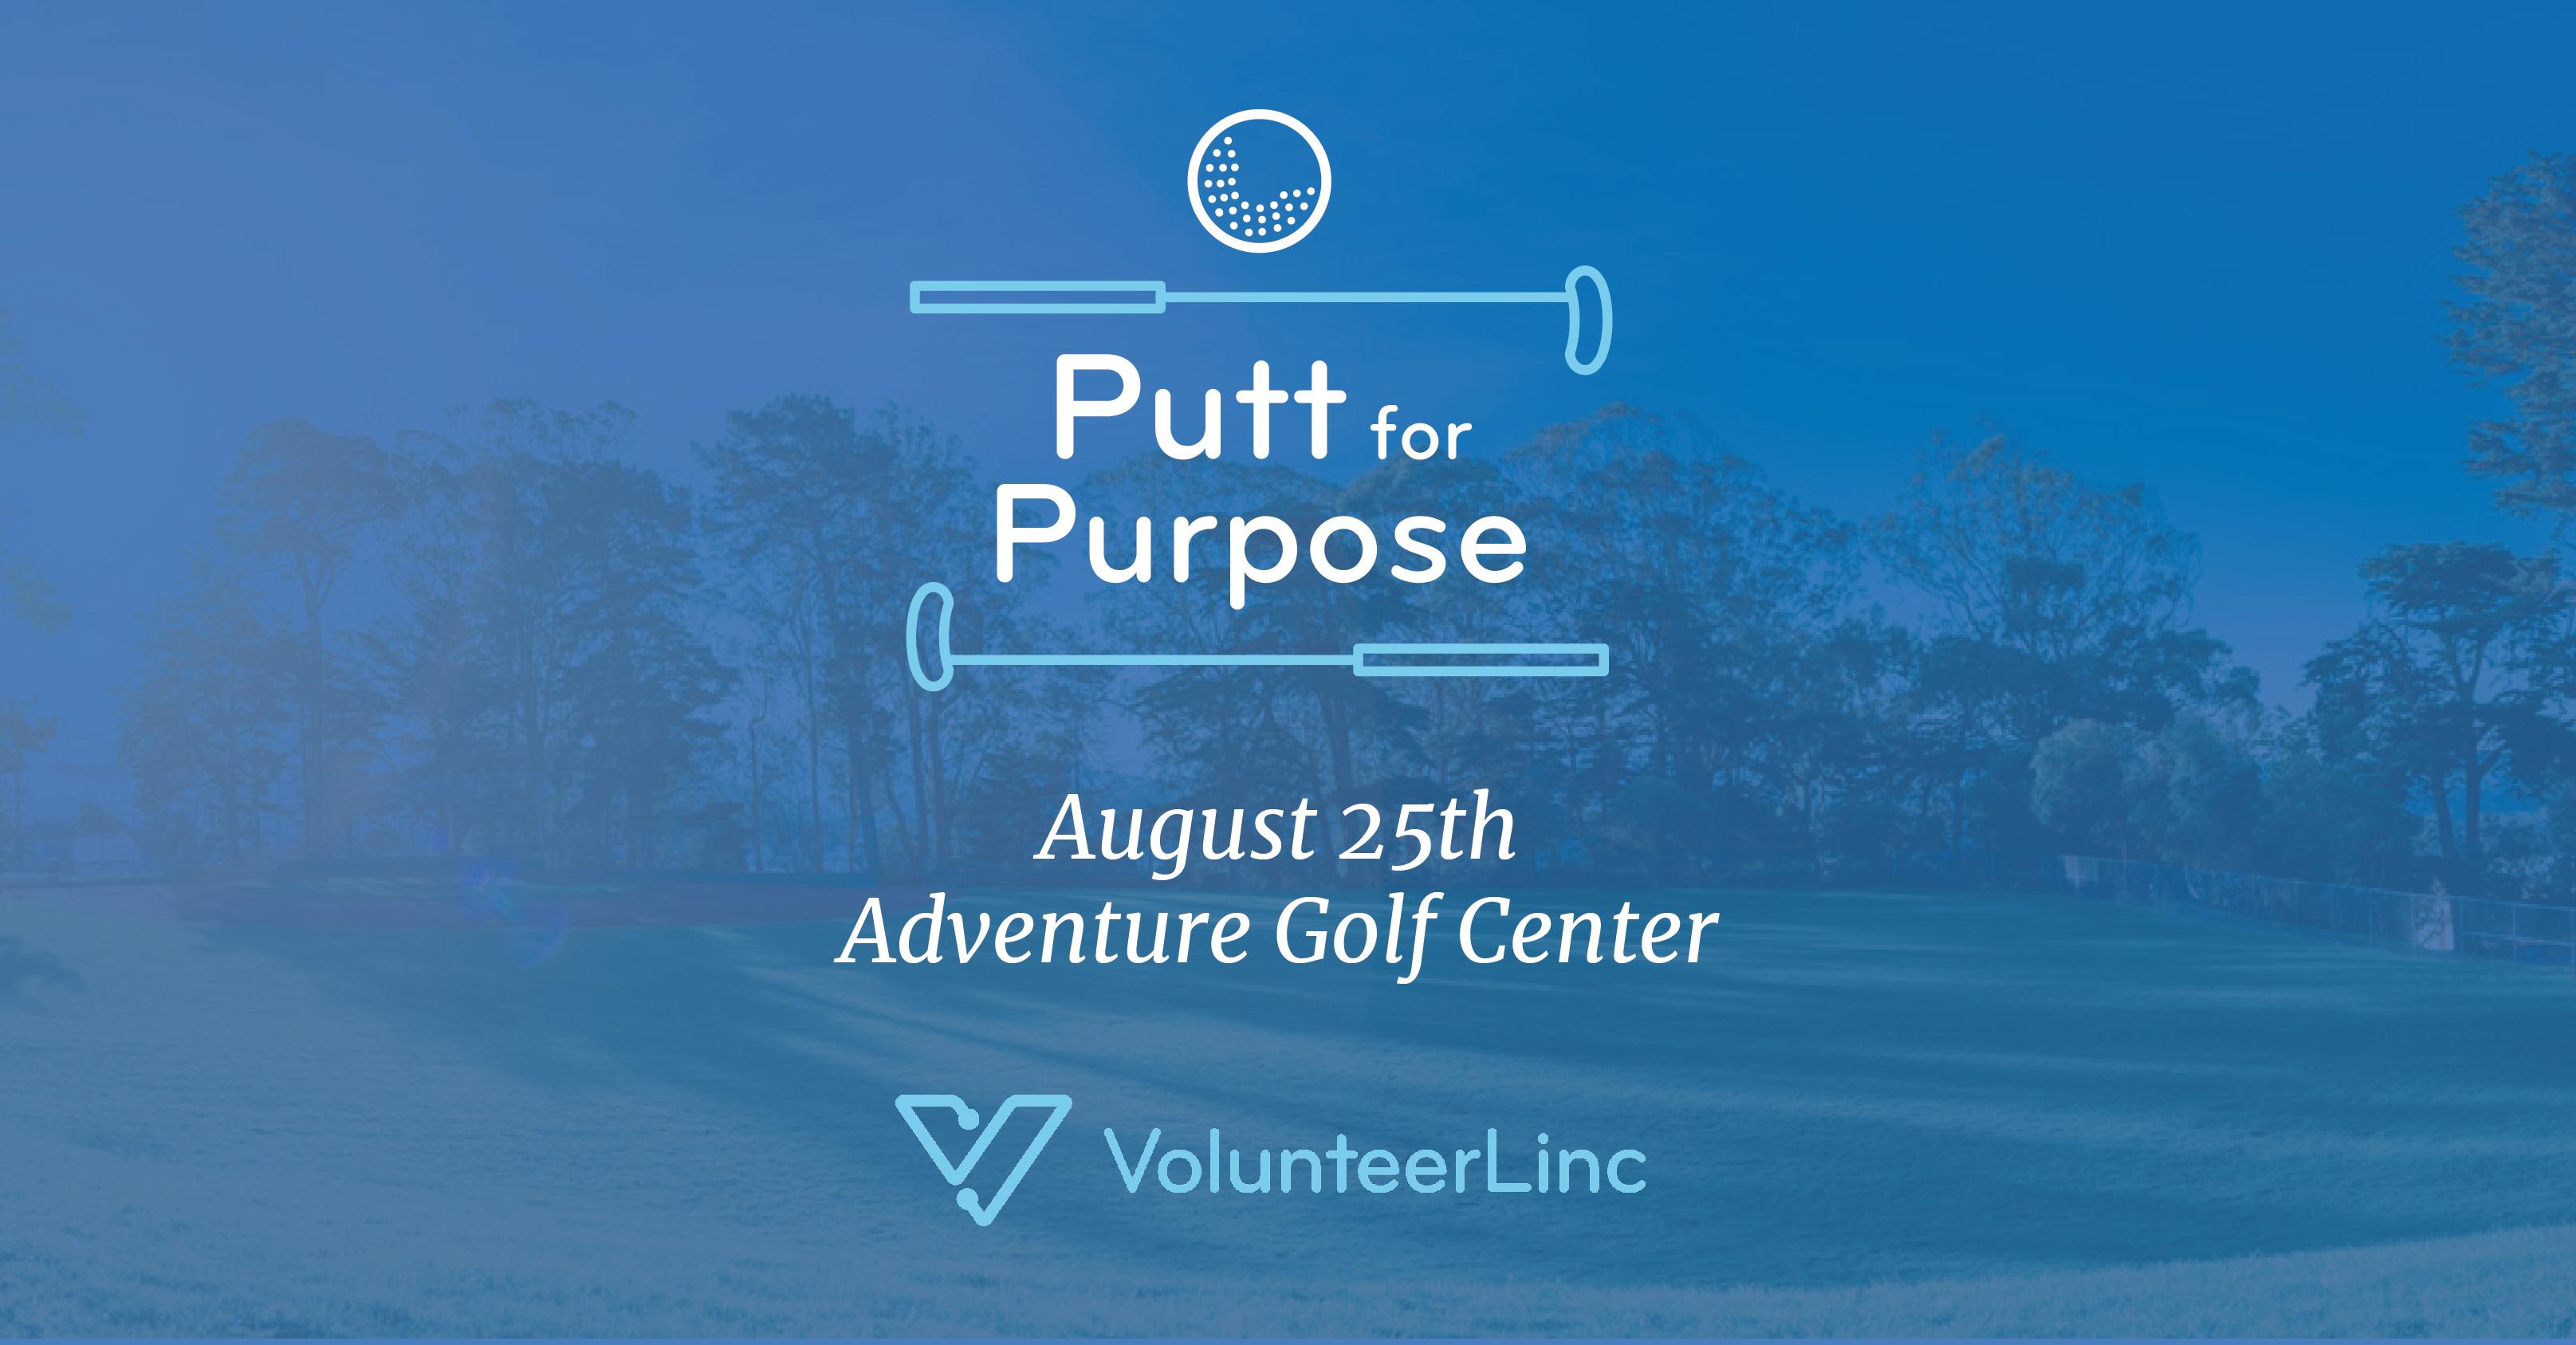 VolunteerLinc Invites Golfers to Putt for Purpose